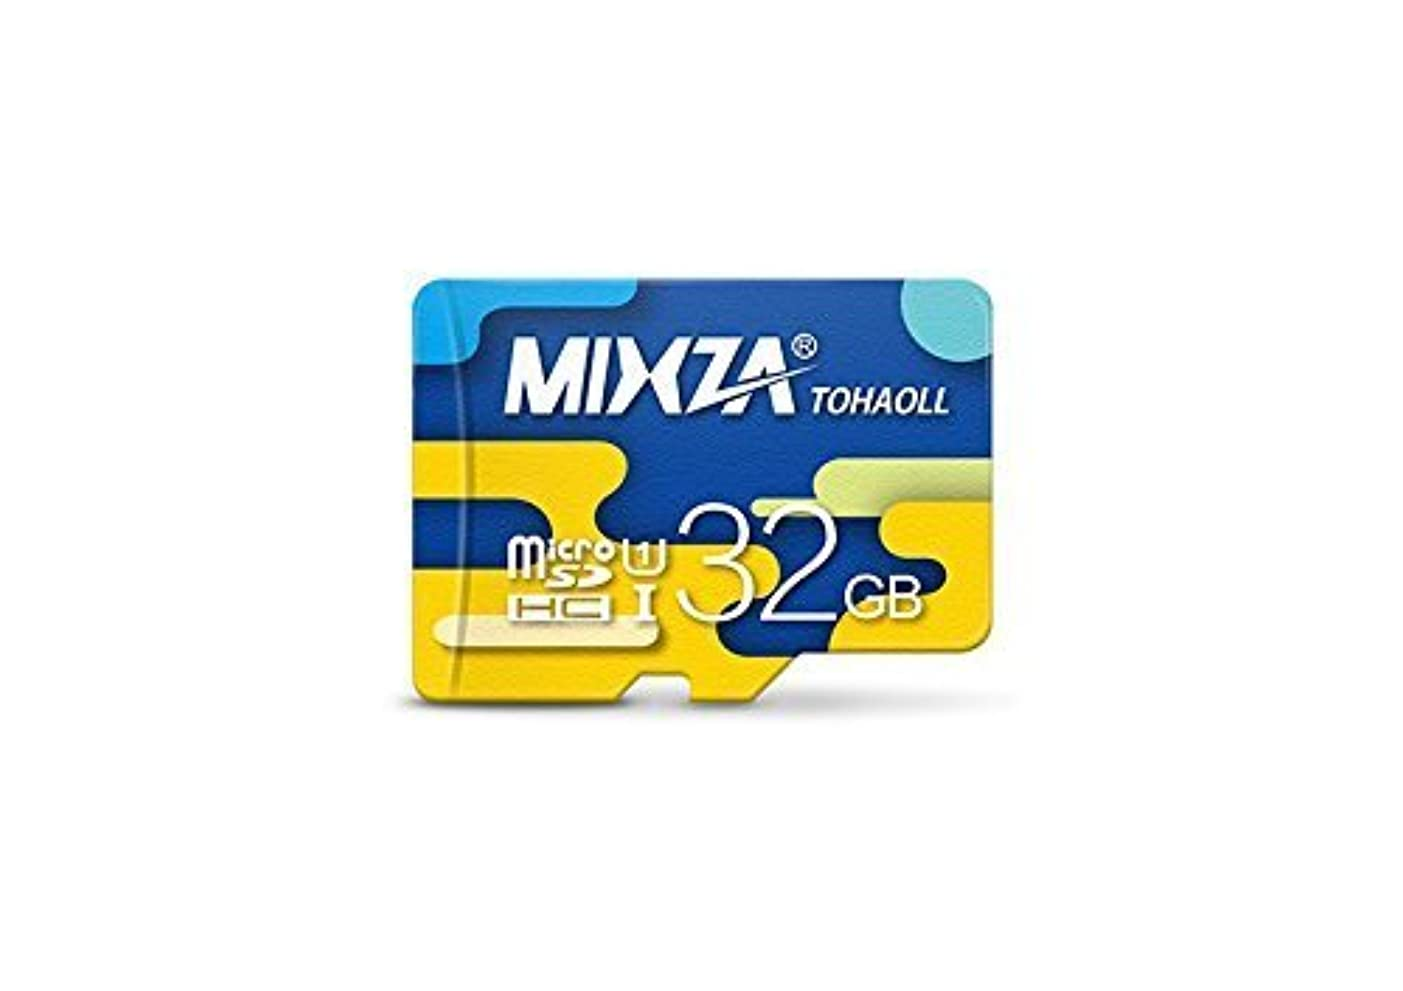 城誇りに思う全能Professional 32GB MicroSDHC認定 Xiaomi Mi A2 Lite by MIXZAはPro-Speed、耐熱性、耐寒性に優れ、一生涯使用できるように作られています。 (UHS-I/3.0/80MB/s)